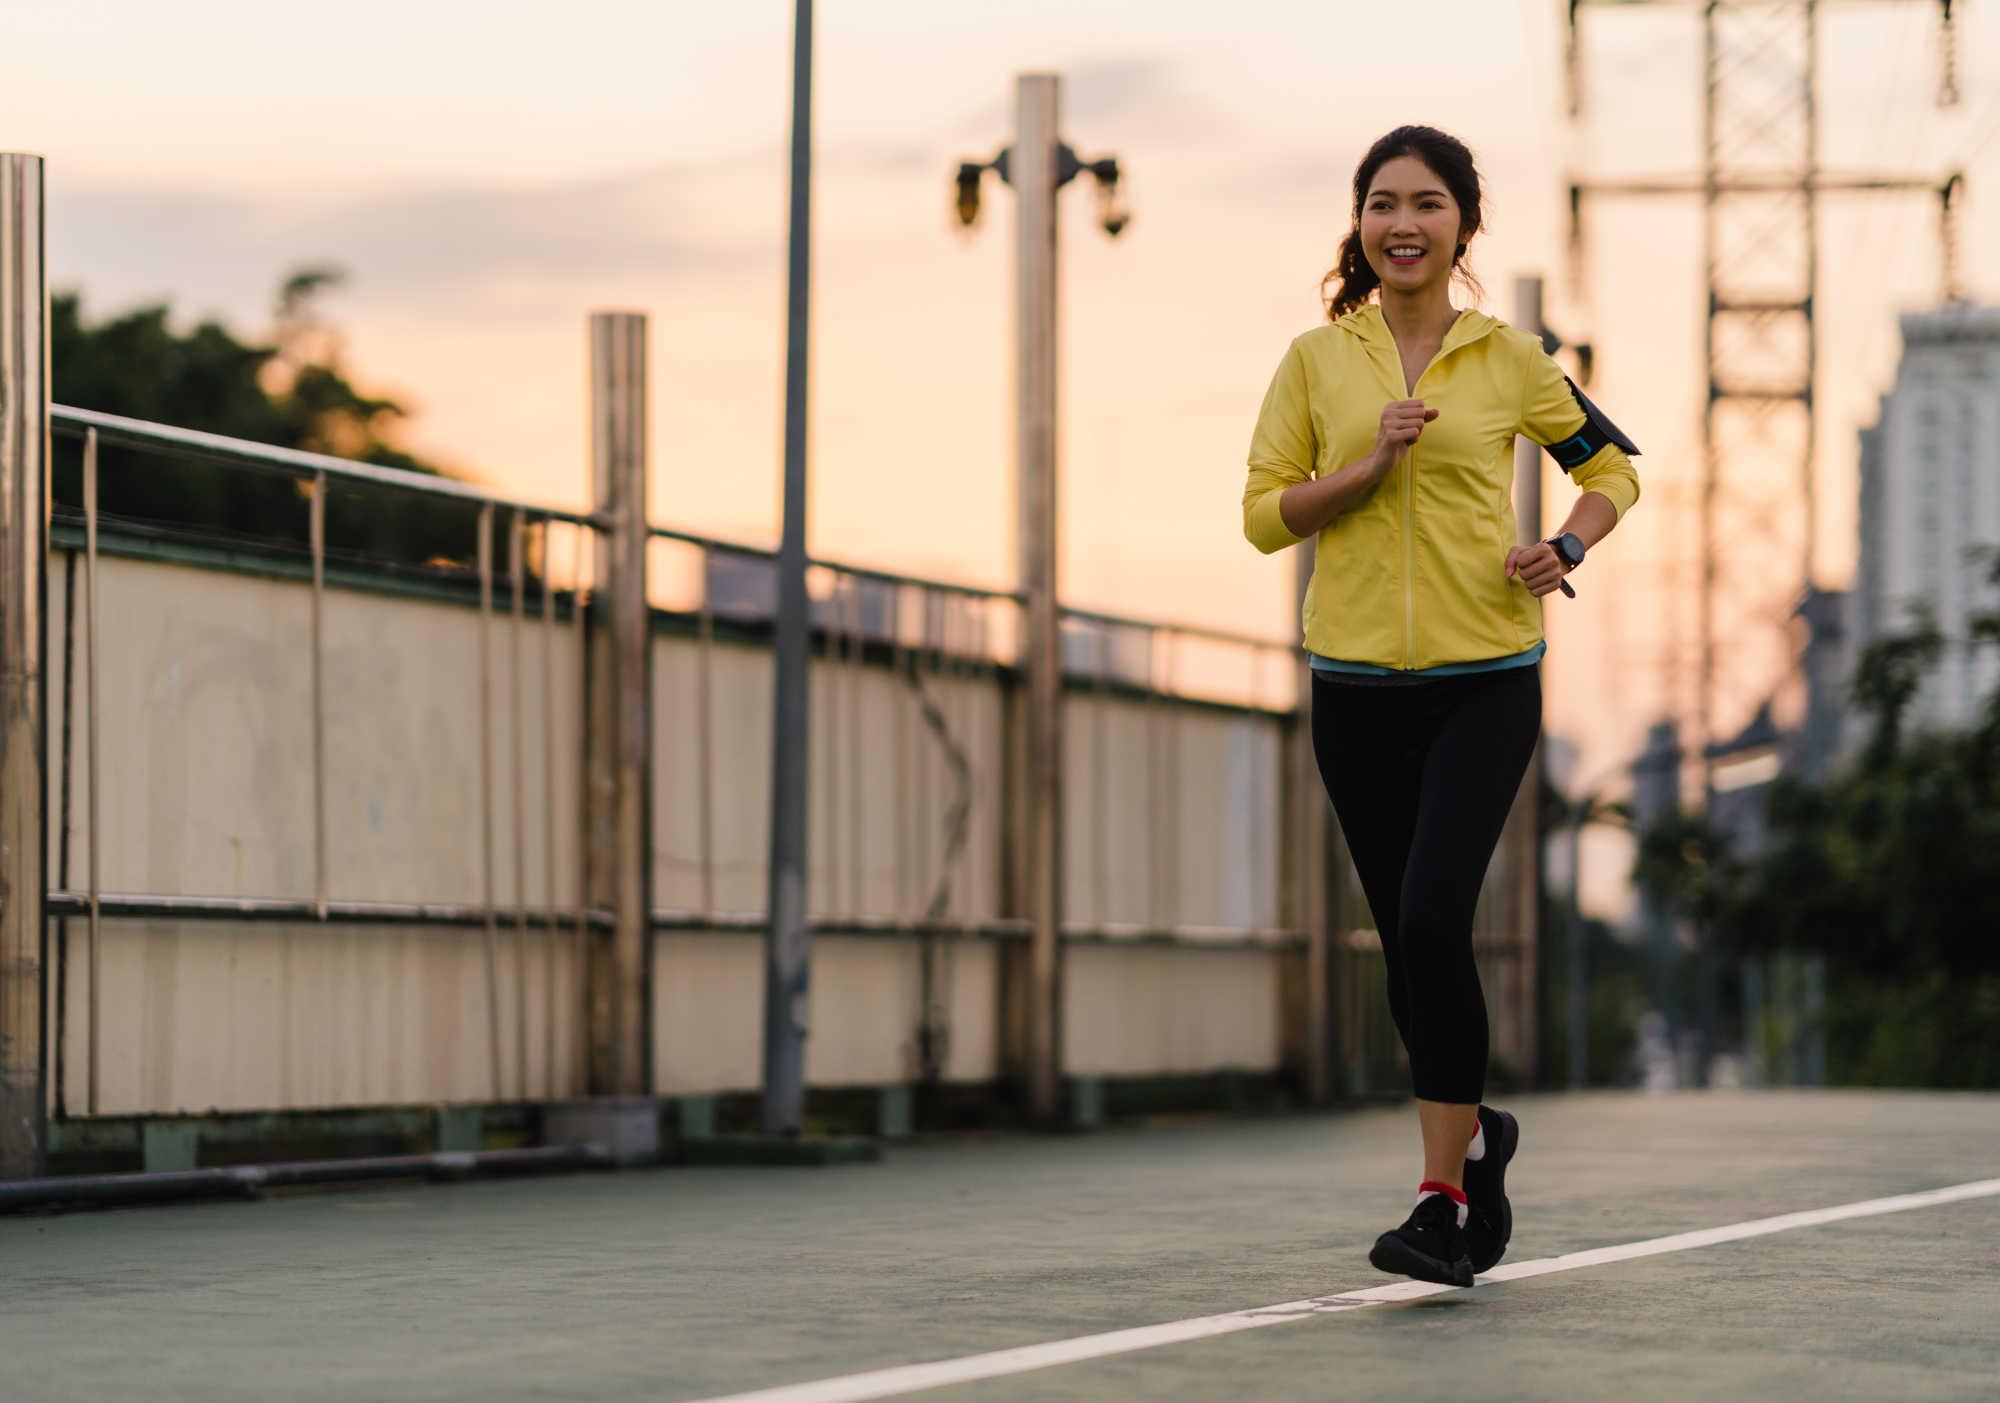 Speciale camminata benessere: tutto quello che devi sapere sul walking